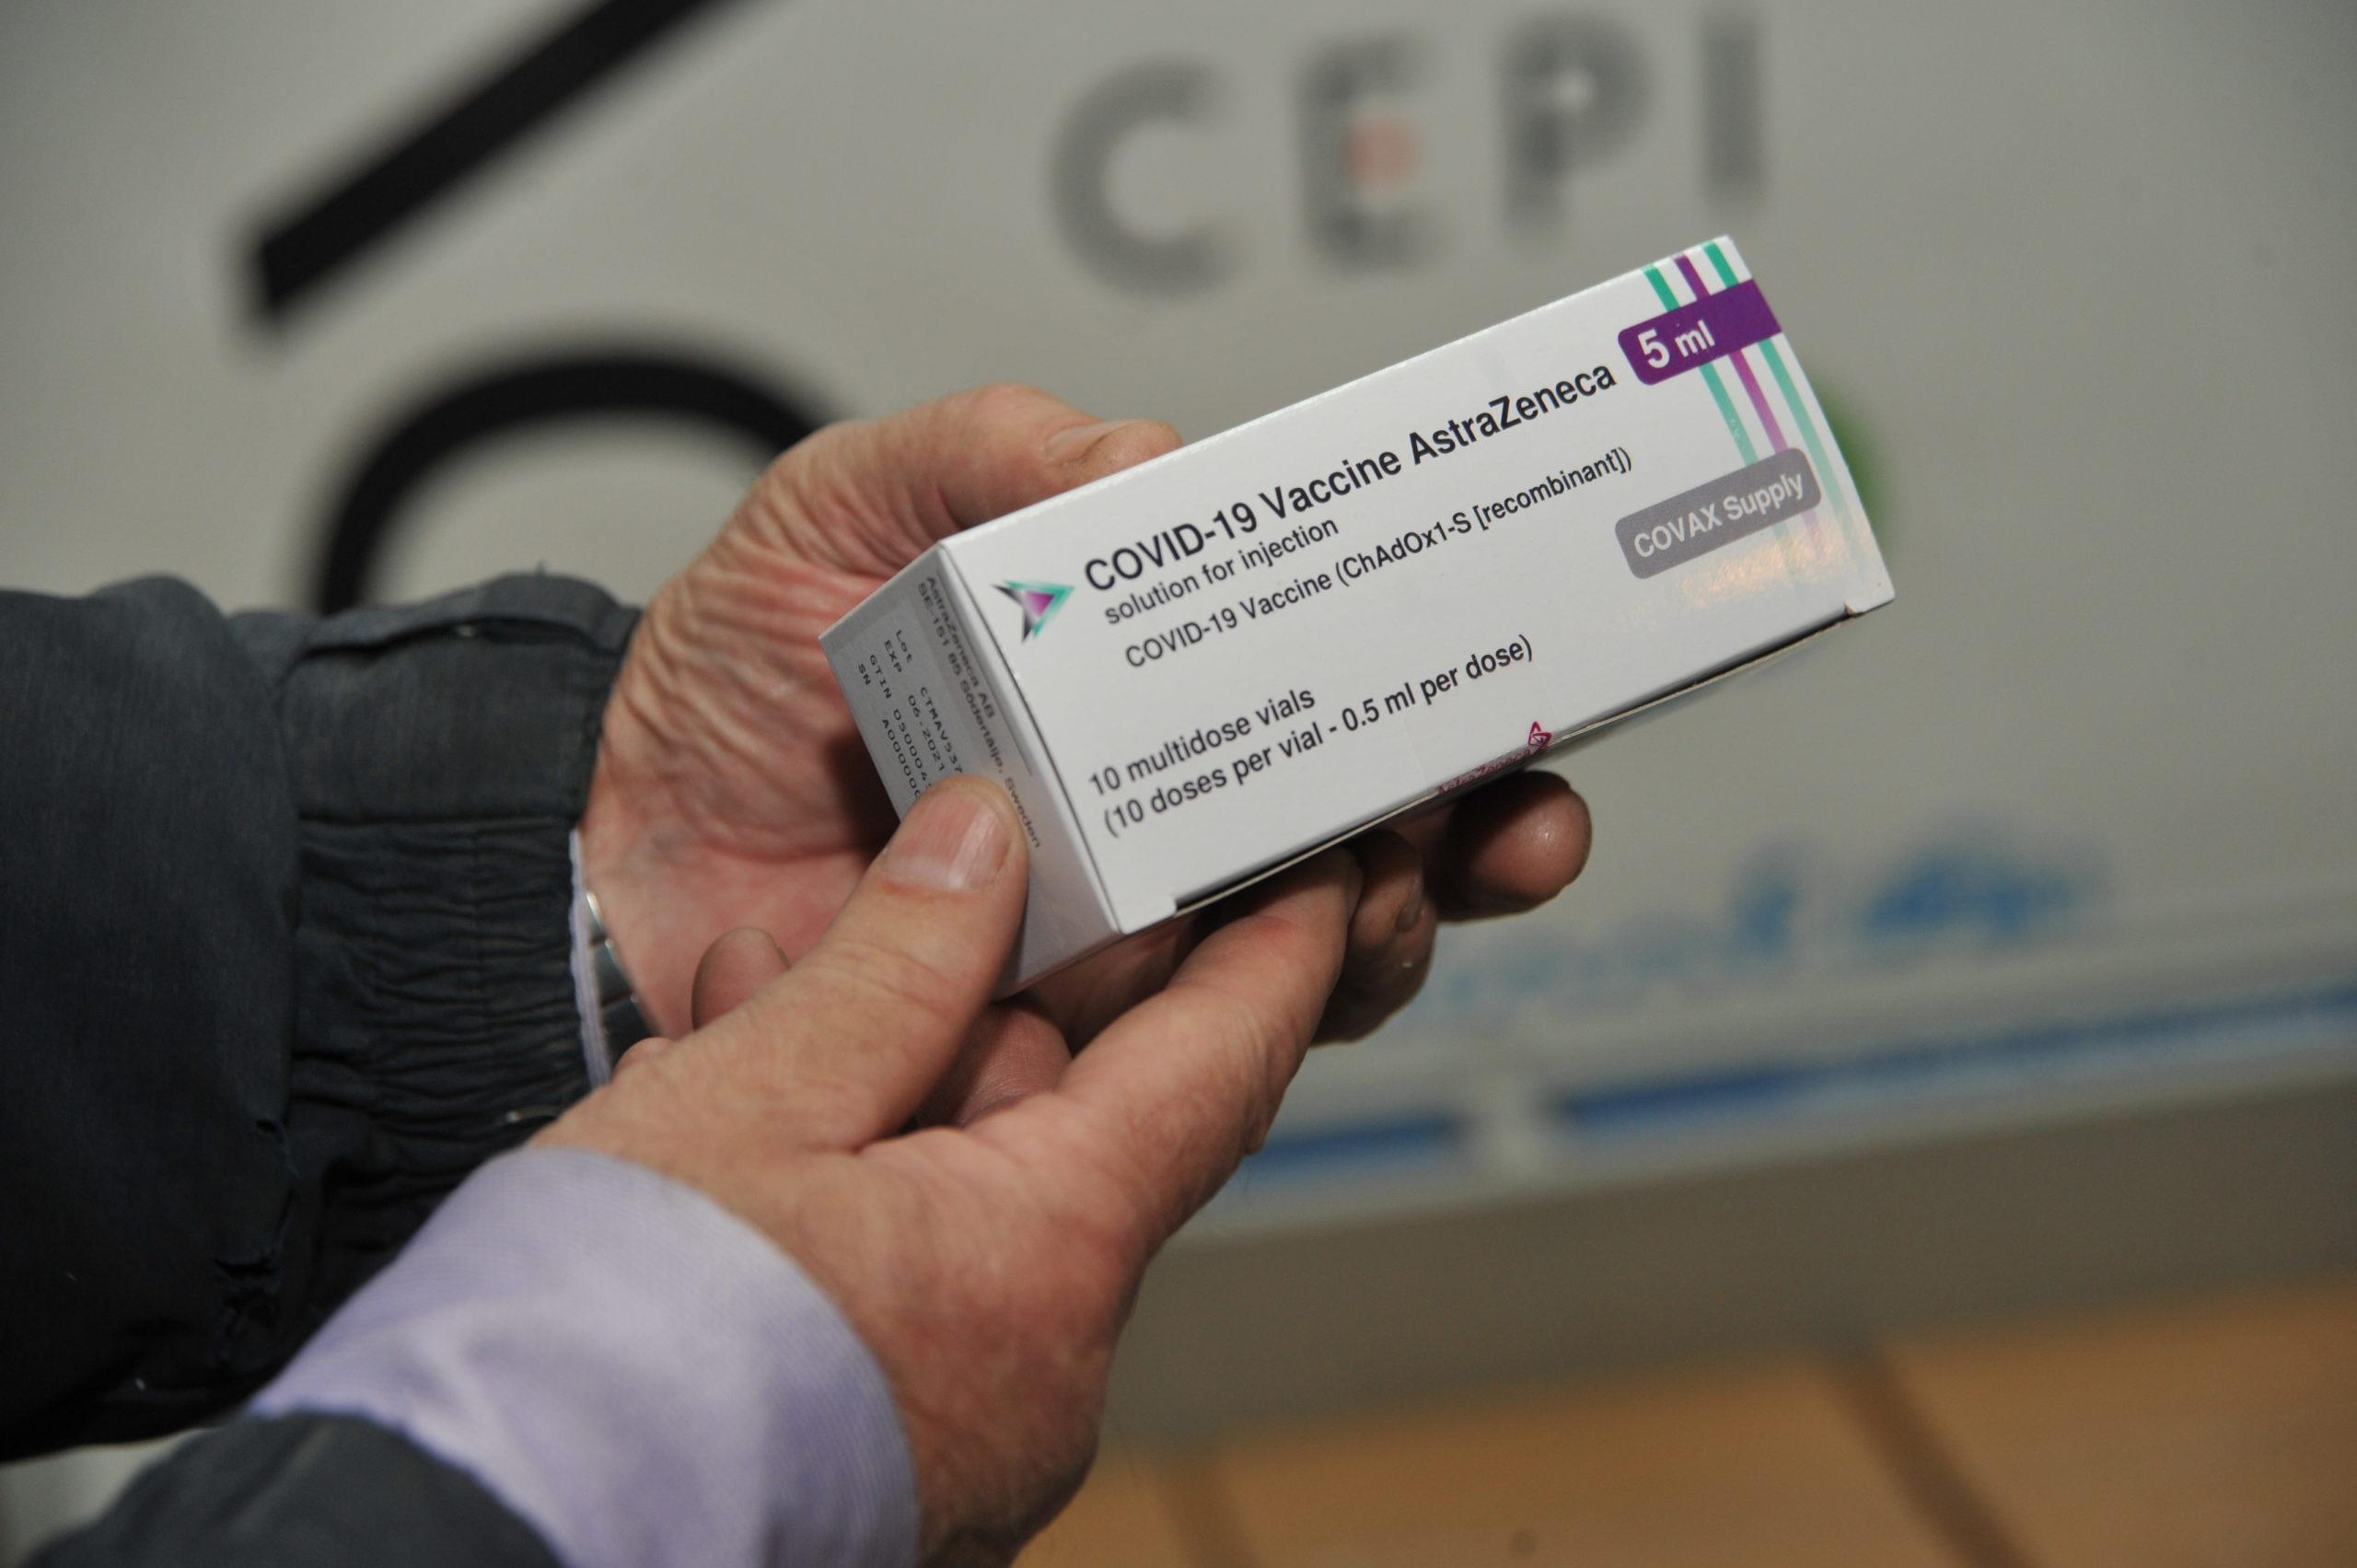 Cum s-a desfășurat procedura de recepționare a celor 48 de mii de doze de vaccin AstraZeneca (FOTOREPORTAJ)